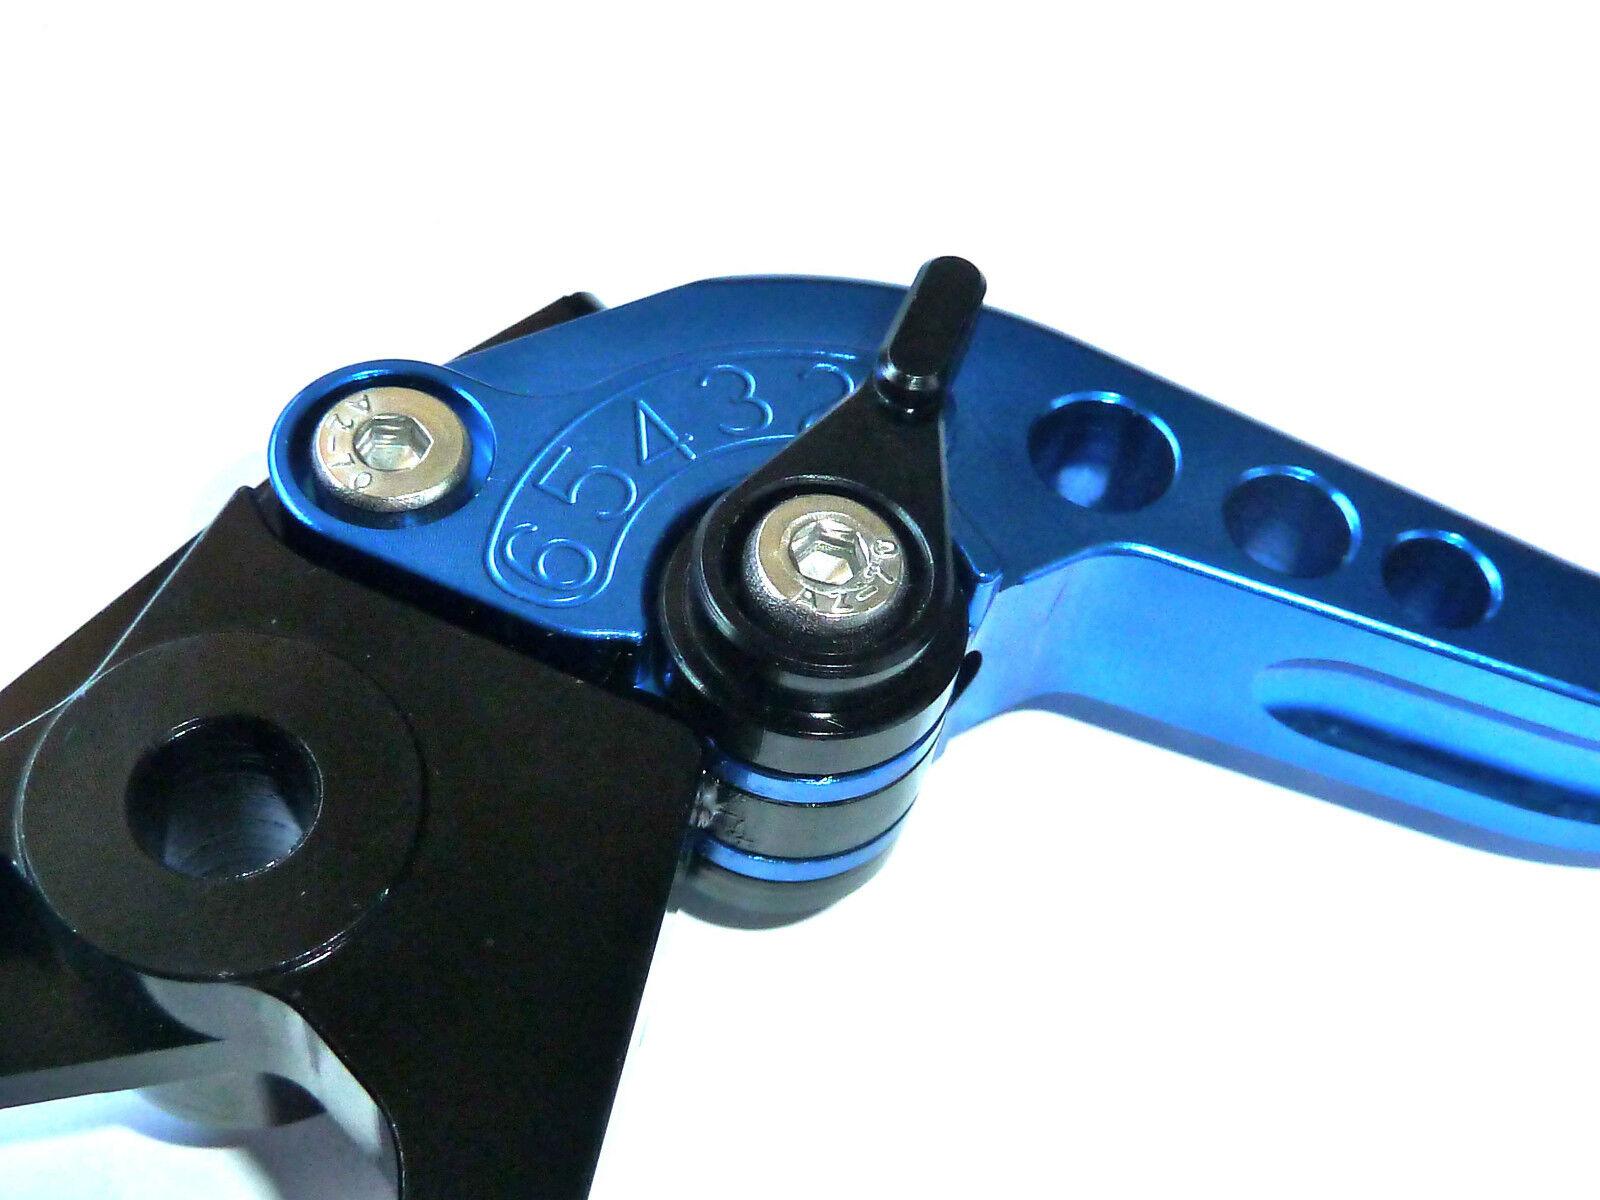 Suzuki Gsx650f 2008-2015 Lang Blau Bremse und Kupplungshebel Satz       Neuartiges Design  78d7d3